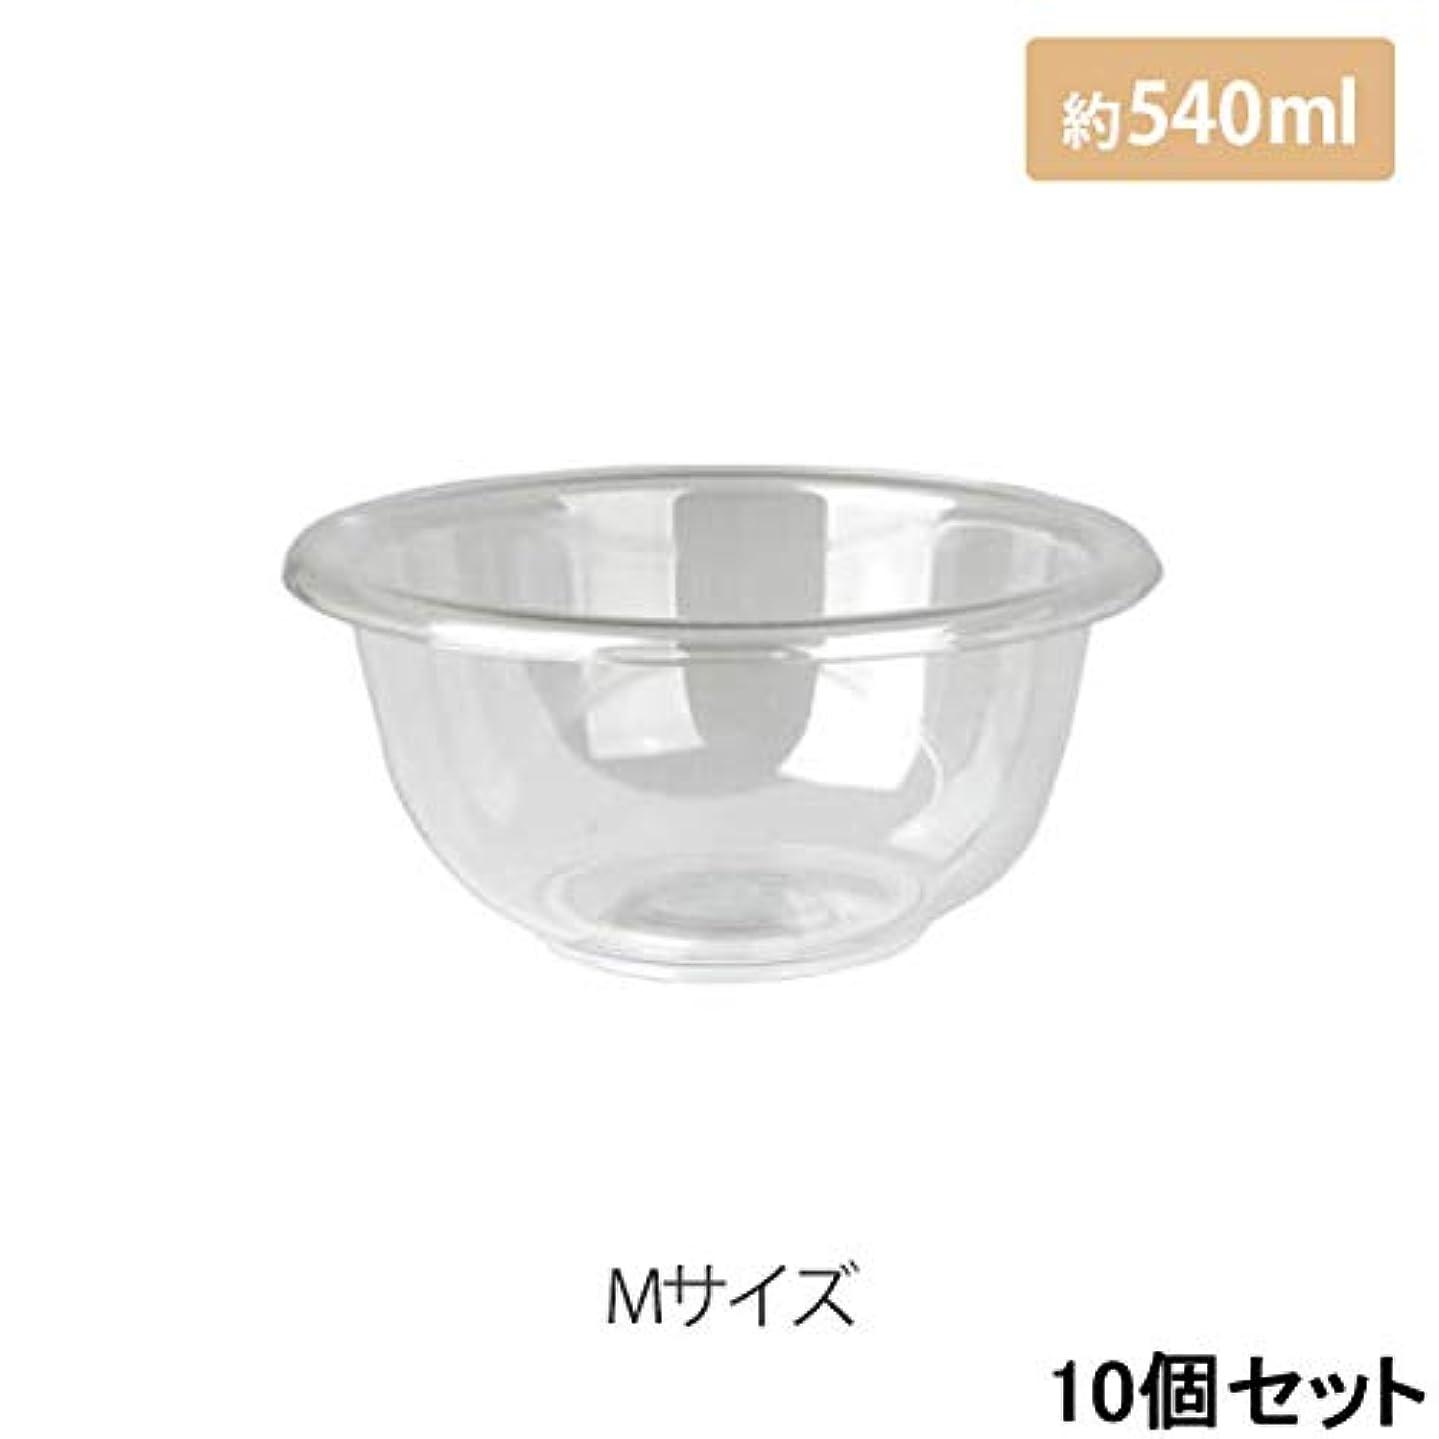 リール守る明確にマイスター プラスティックボウル (Mサイズ) クリア 直径17cm (10個セット) [ プラスチックボール カップボウル カップボール エステ サロン プラスチック ボウル カップ 割れない ]